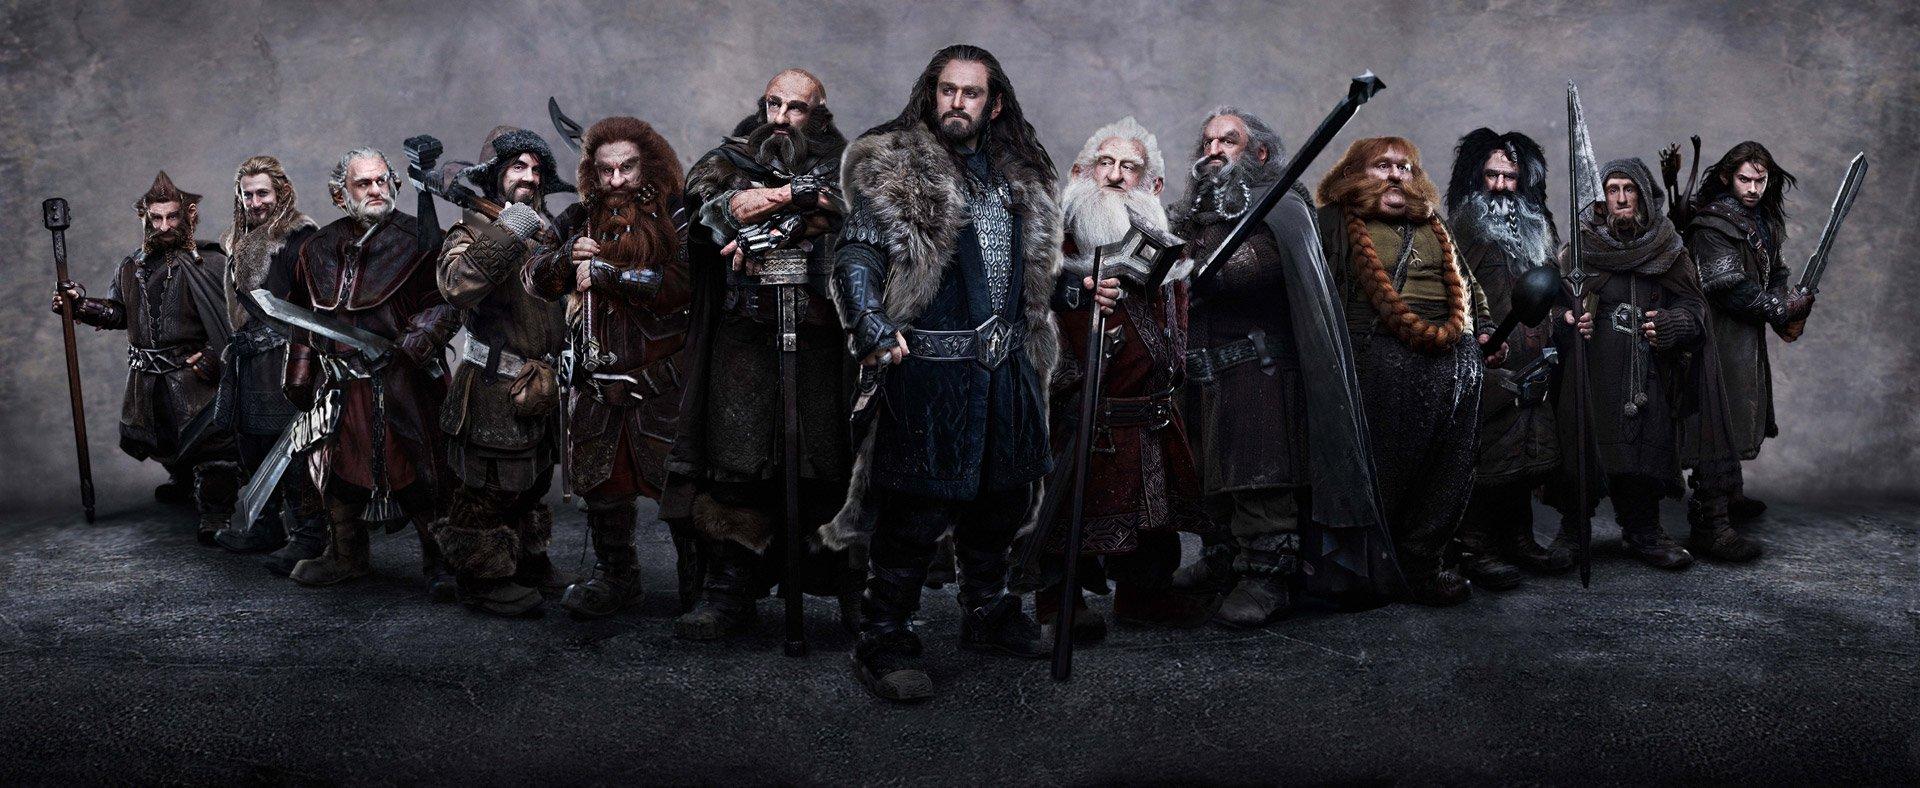 Финальное сражение в Hobbit продлится 45 минут - Изображение 1